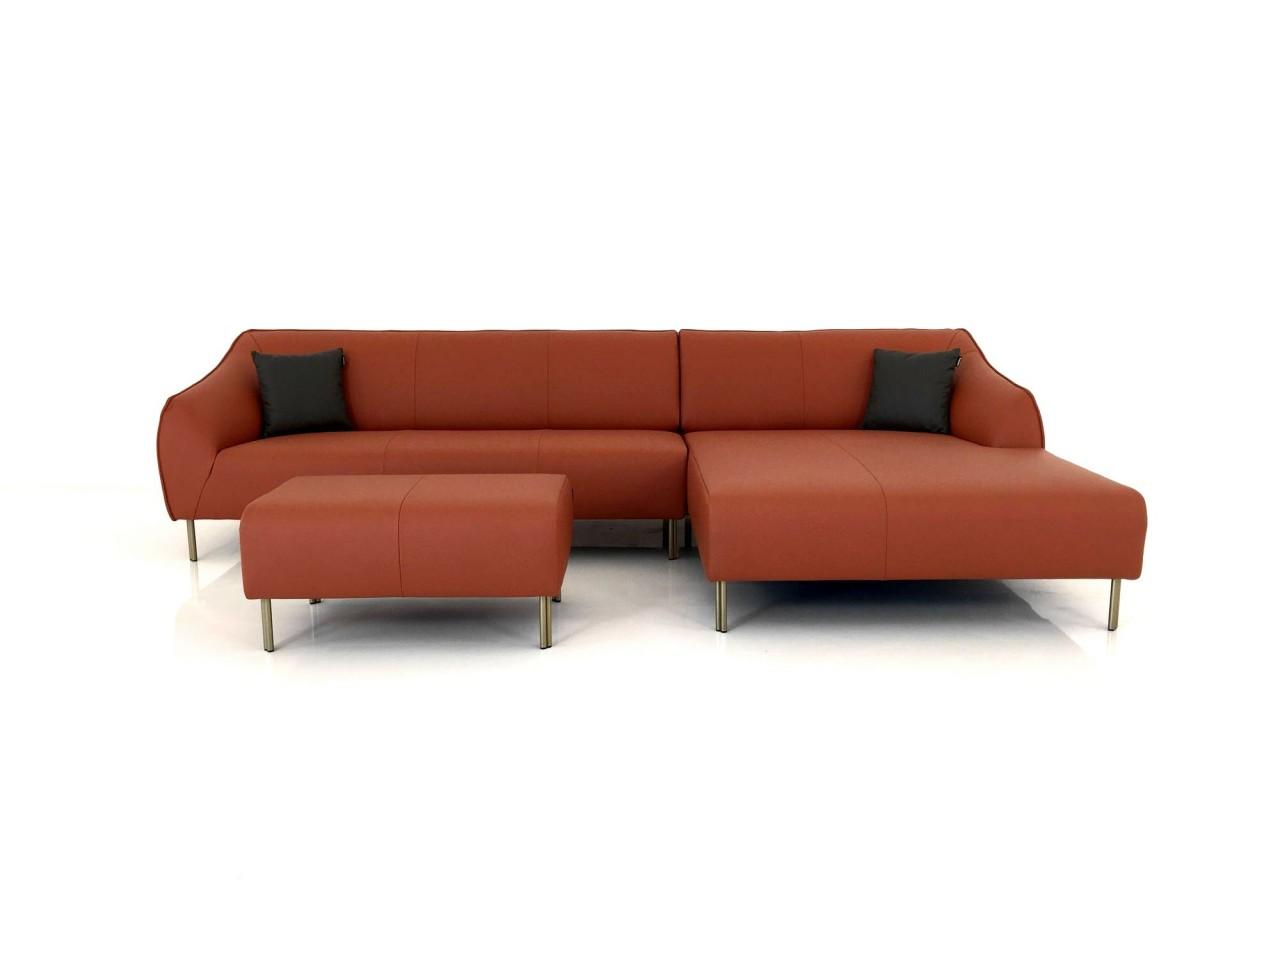 Full Size of Freistil Ausstellungsstück 132 Rolf Benz Sofa Mit Recamiere Und Hockerbank Im Küche Bett Wohnzimmer Freistil Ausstellungsstück